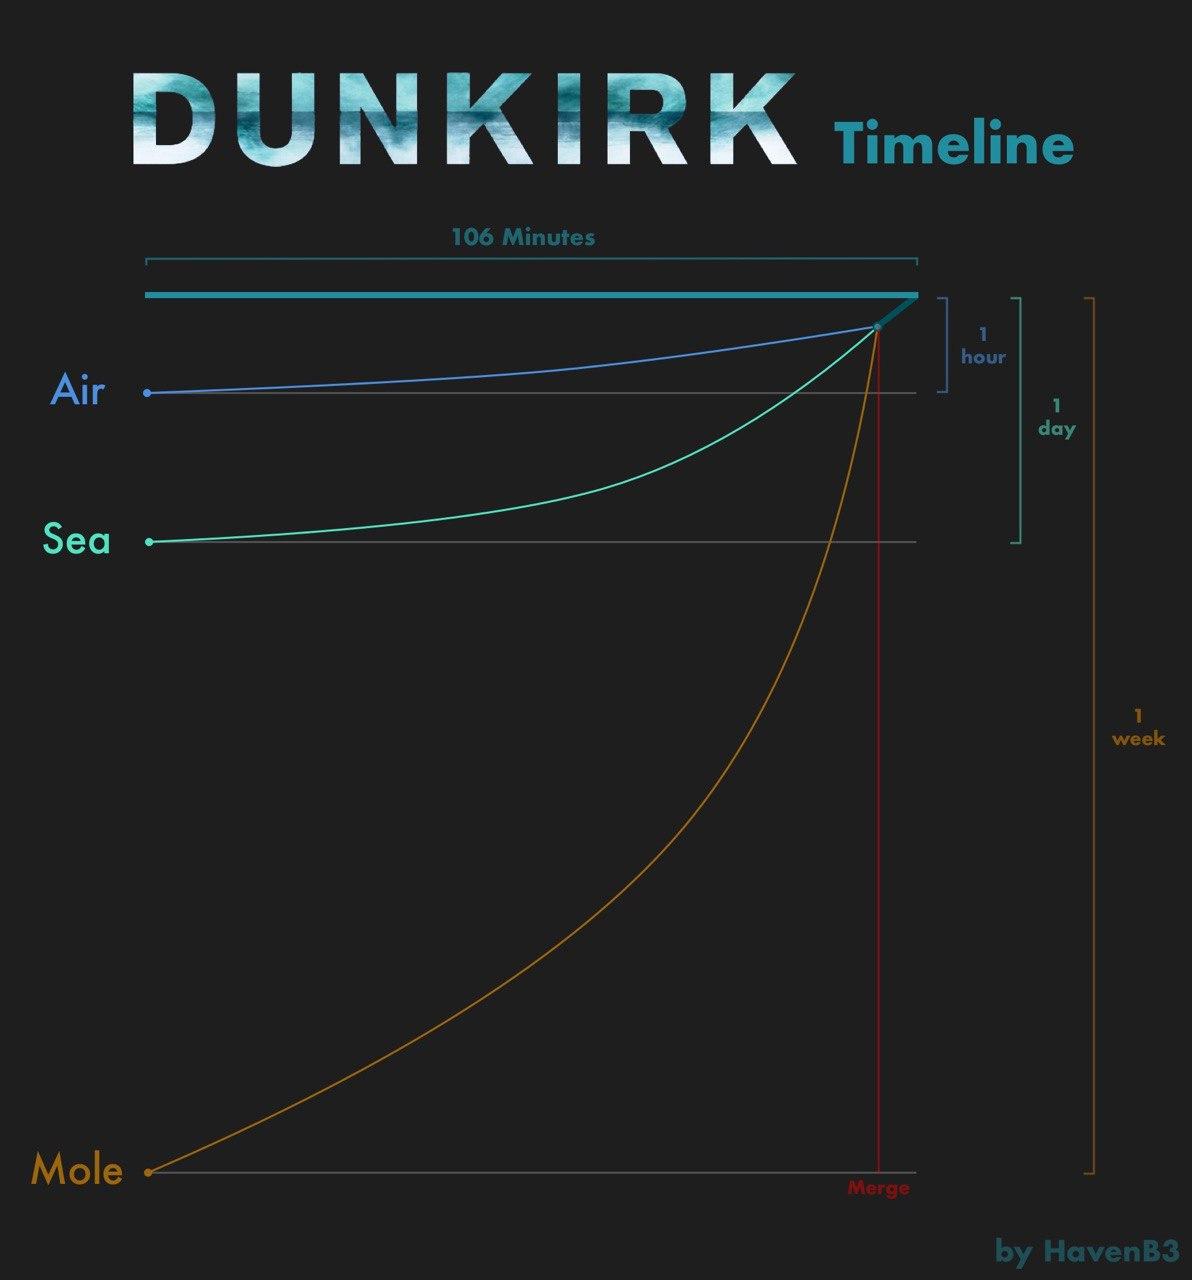 Dunkirk Timeline